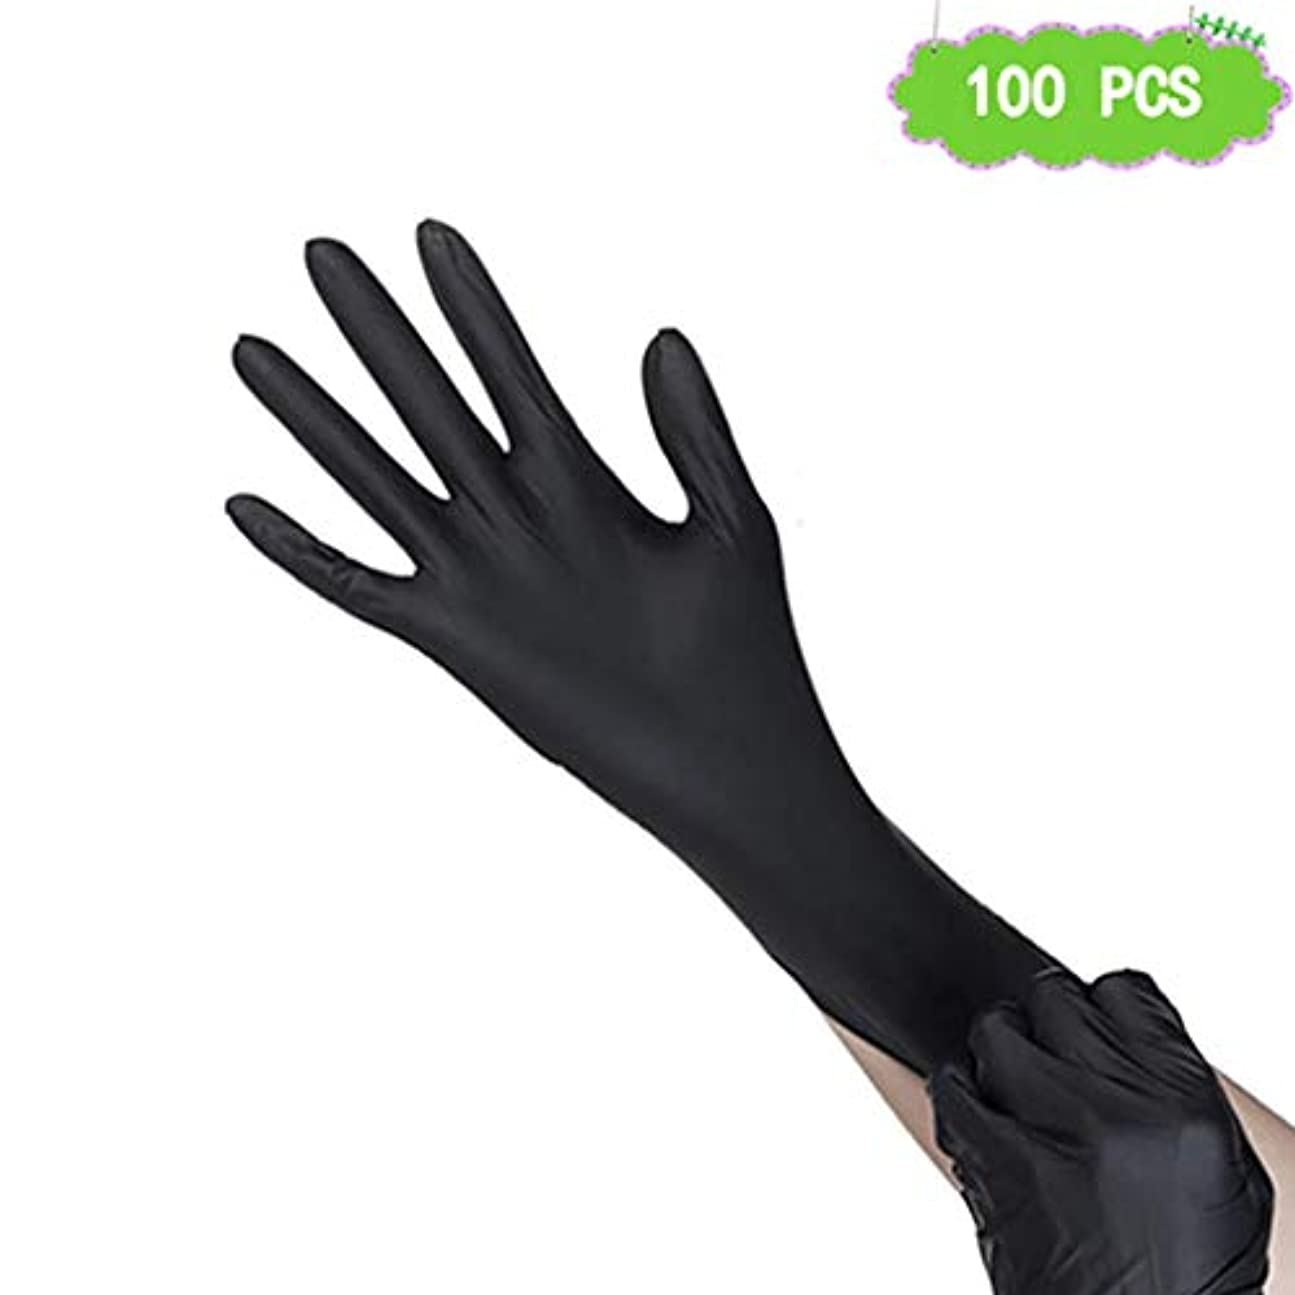 添加剤プランテーション地下鉄ニトリル手袋、黒刺繍タトゥー理髪滑り止め使い捨て手袋ペットケアネイルアート検査保護実験、美容院ラテックスフリー、、 100個 (Size : L)